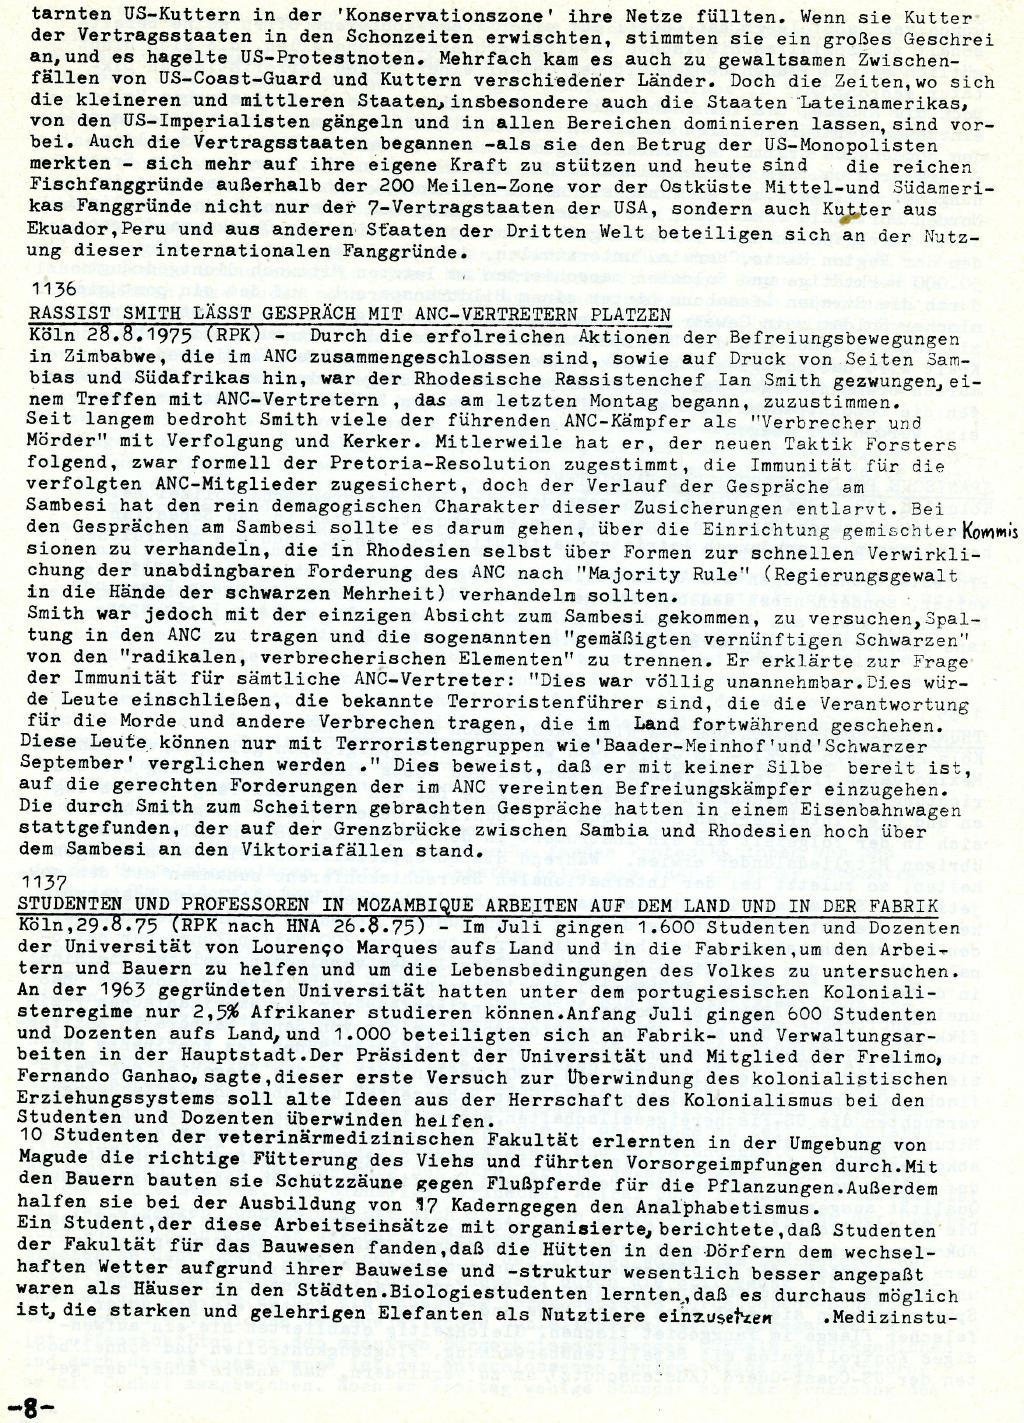 RPK_Pressedienst_1975_41_08